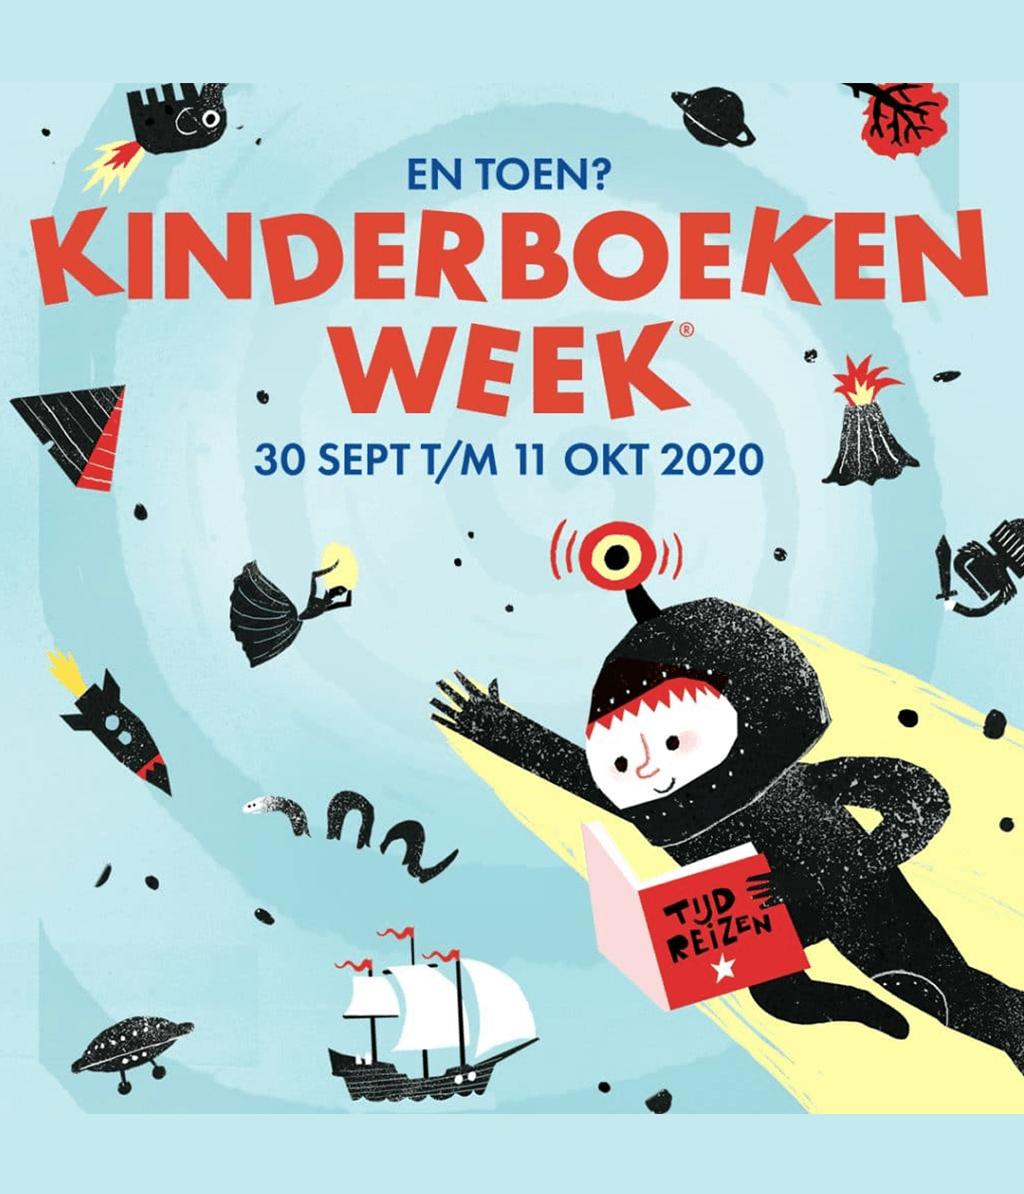 Afbeelding van kinderboekenweek 2020 - Toonzetters